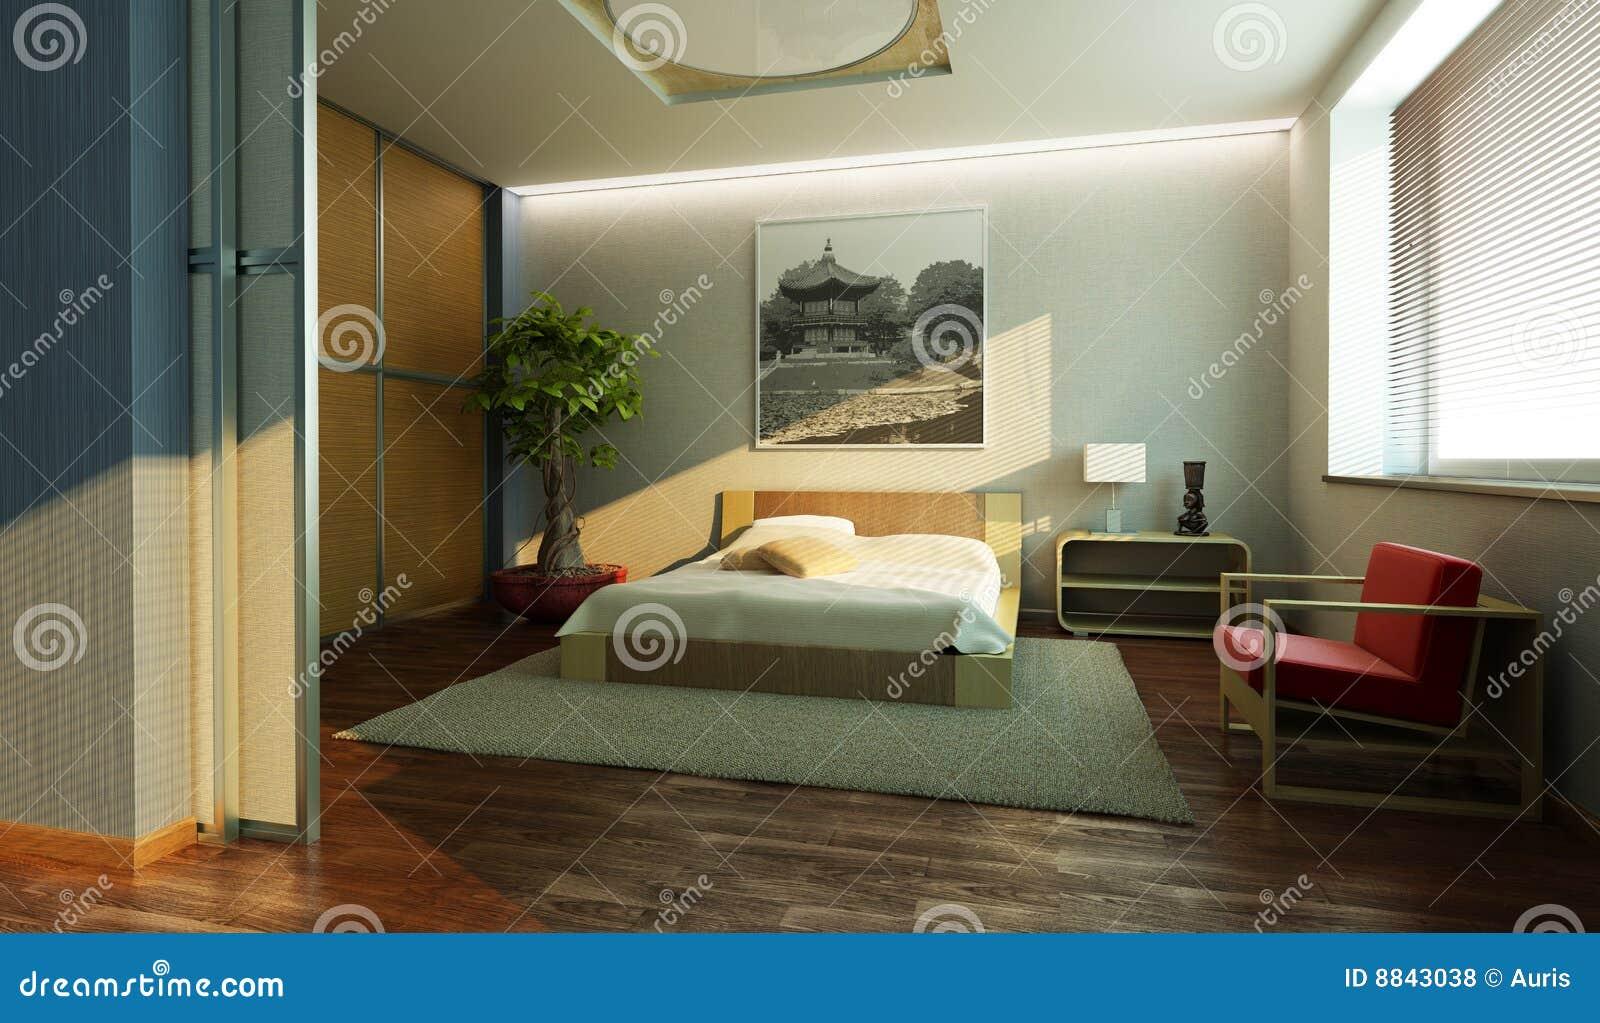 Stanze Da Letto Stile Giapponese : Interiore della camera da letto di stile del giappone